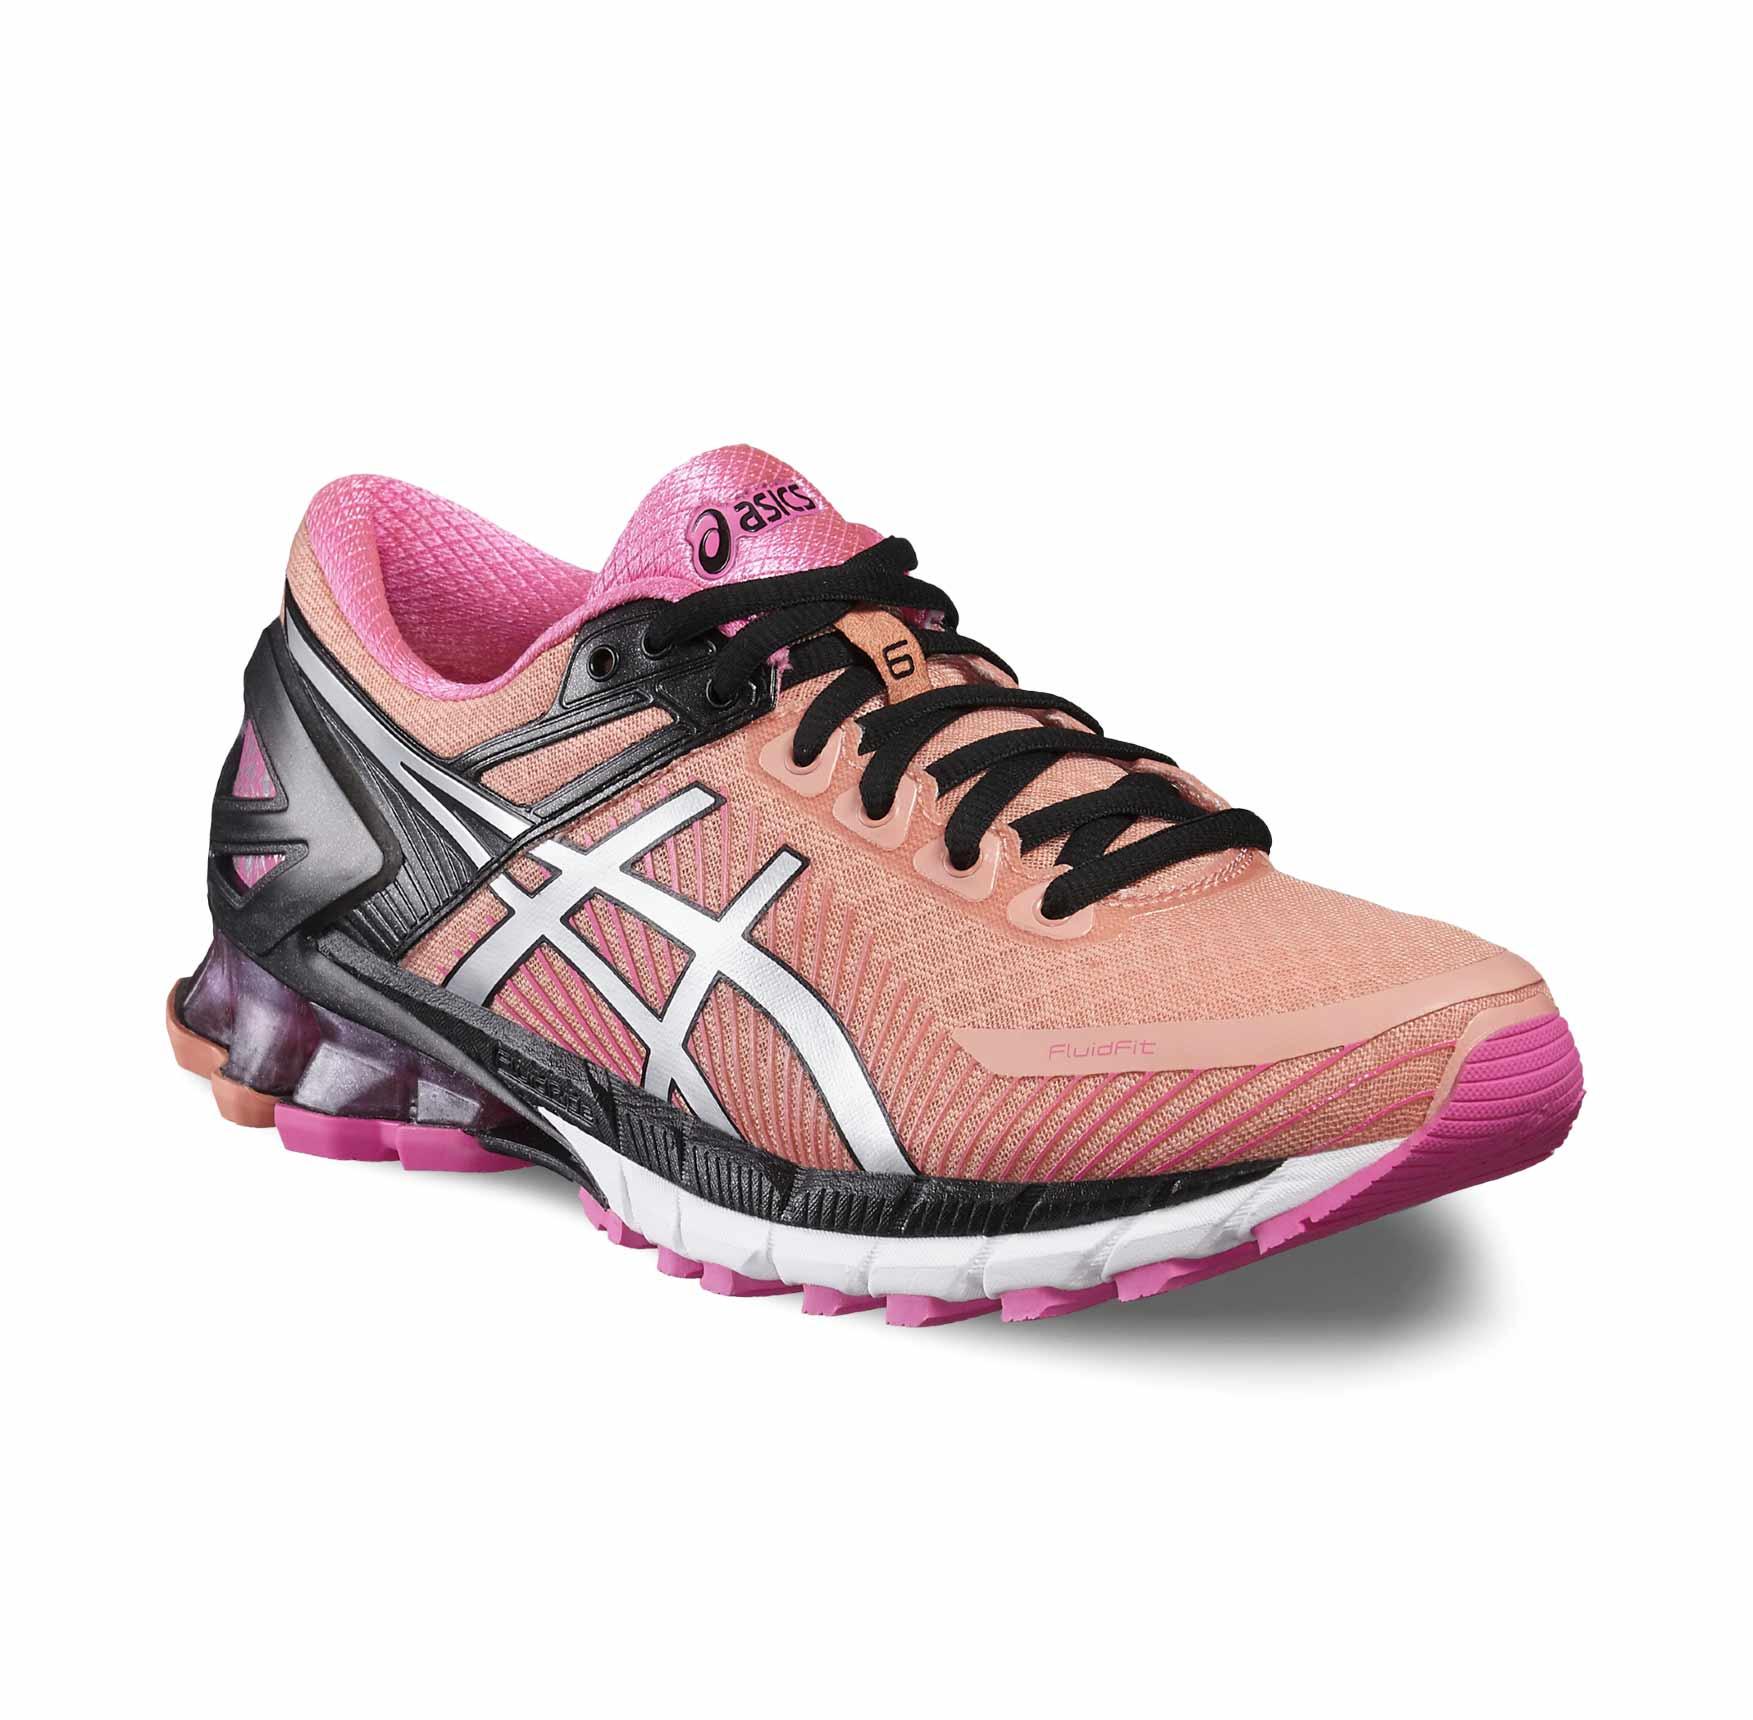 נעלי ריצה לנשים - דגם Asics Gel Kinsei 6